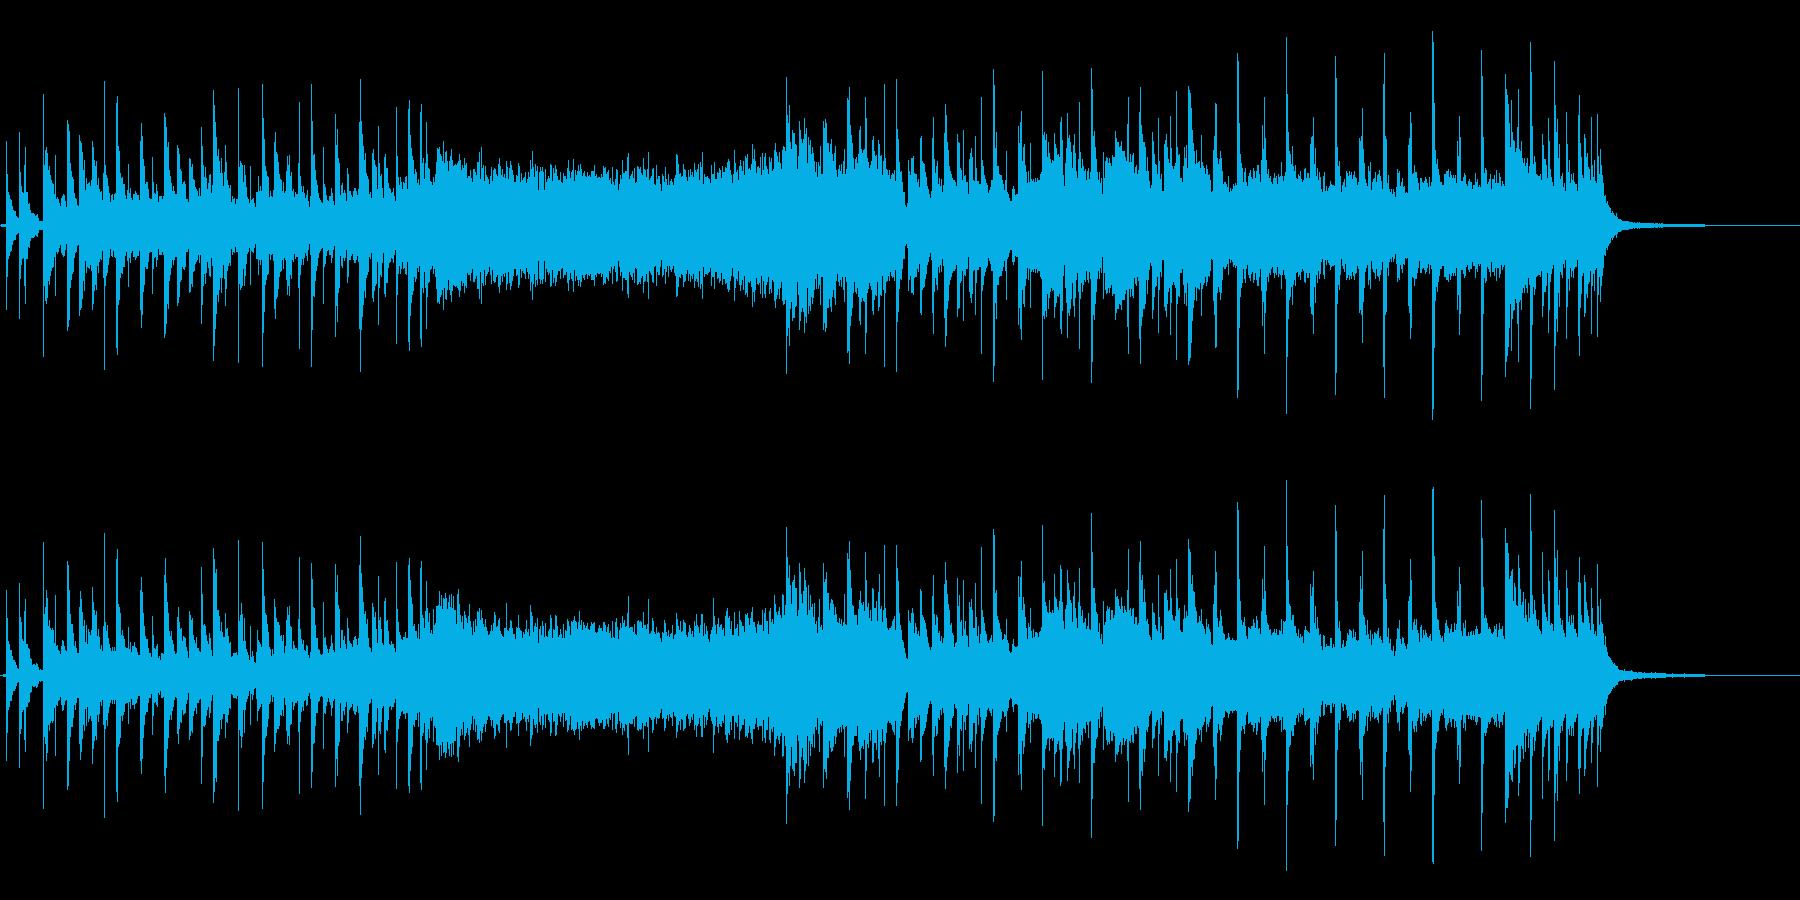 近未来的エレクトロニカ系ジングルの再生済みの波形